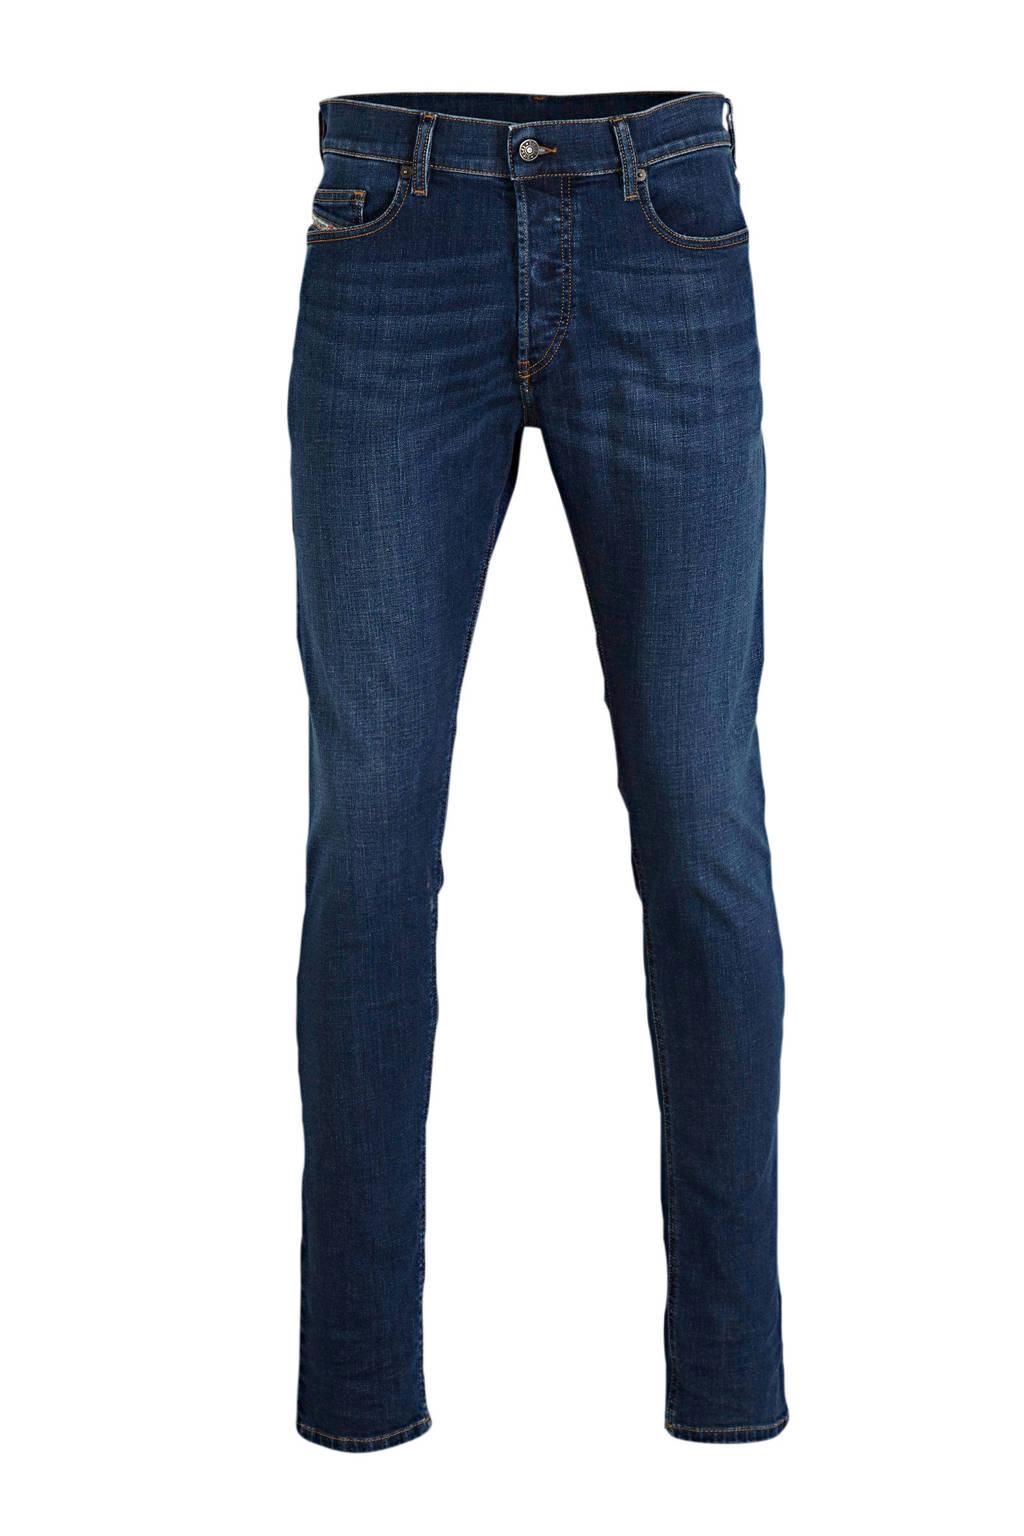 Diesel slim fit jeans D-Luster mid blue, Mid blue